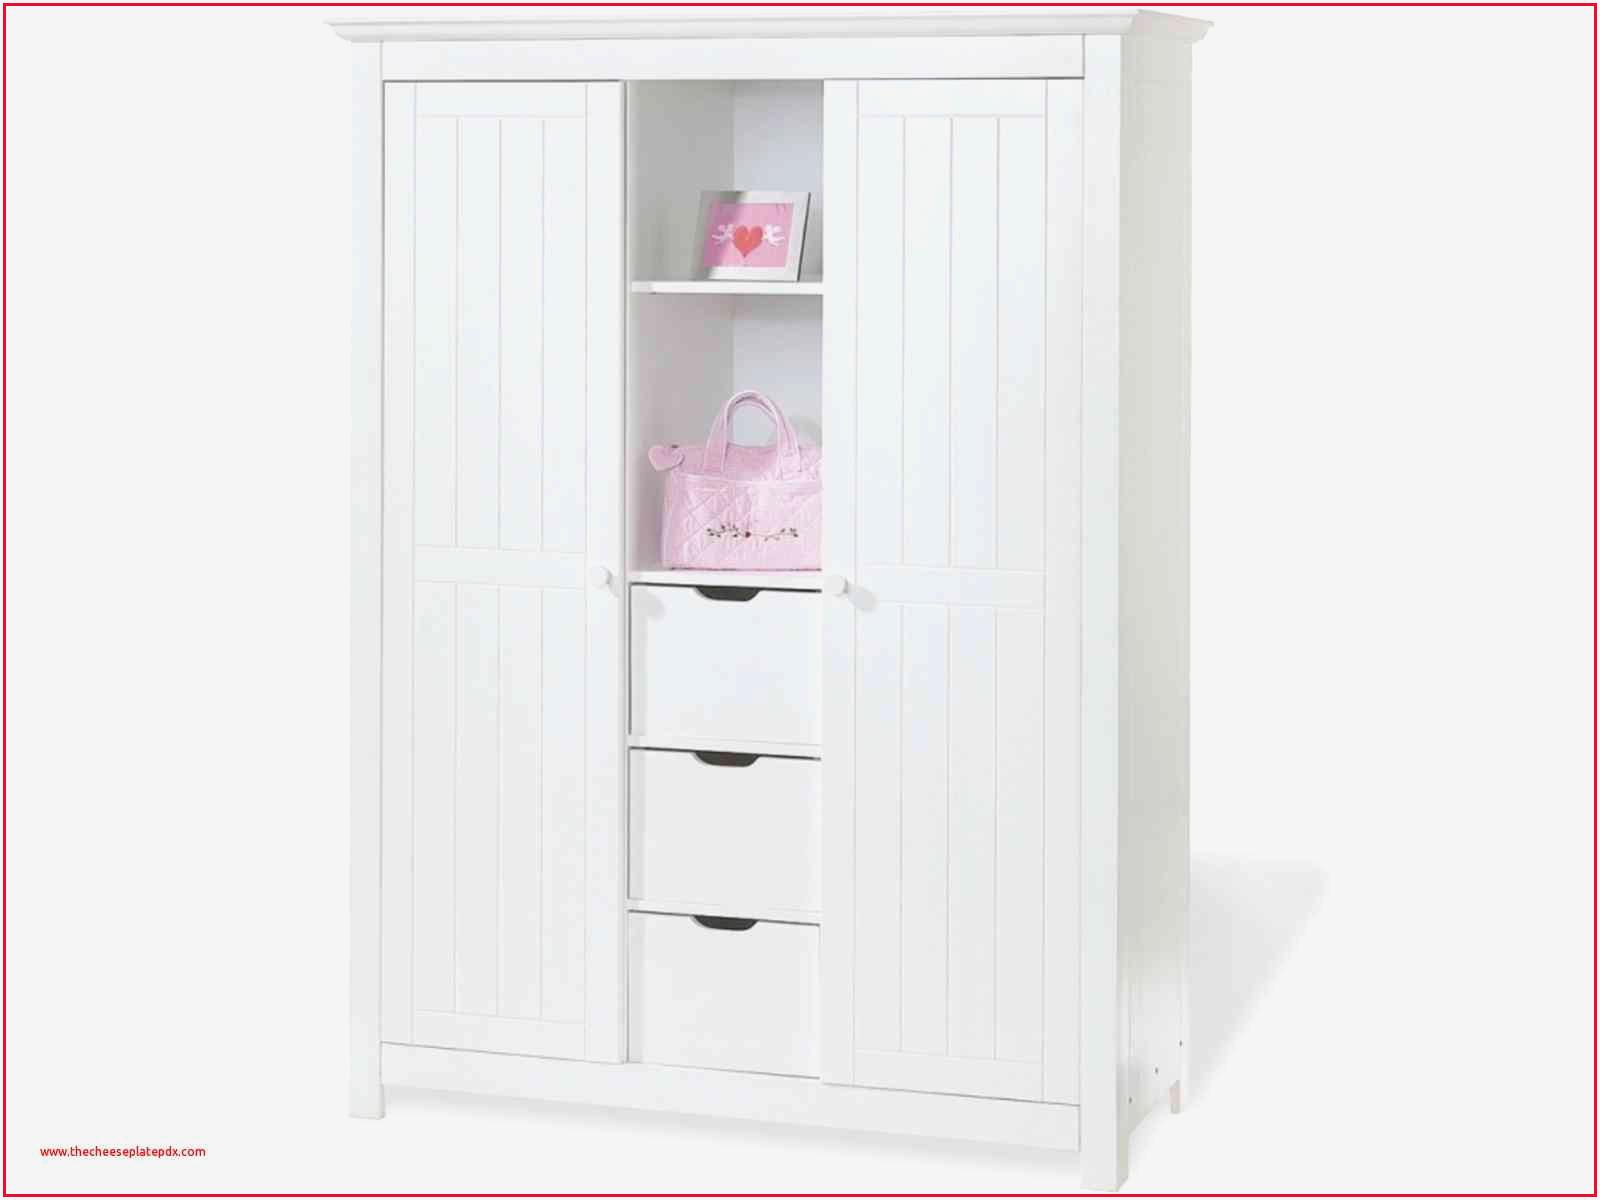 Full Size of Eckkleiderschrank Kinderzimmer Ikea Hemnes Kleiderschrank Traumhaus Sofa Regal Regale Weiß Kinderzimmer Eckkleiderschrank Kinderzimmer